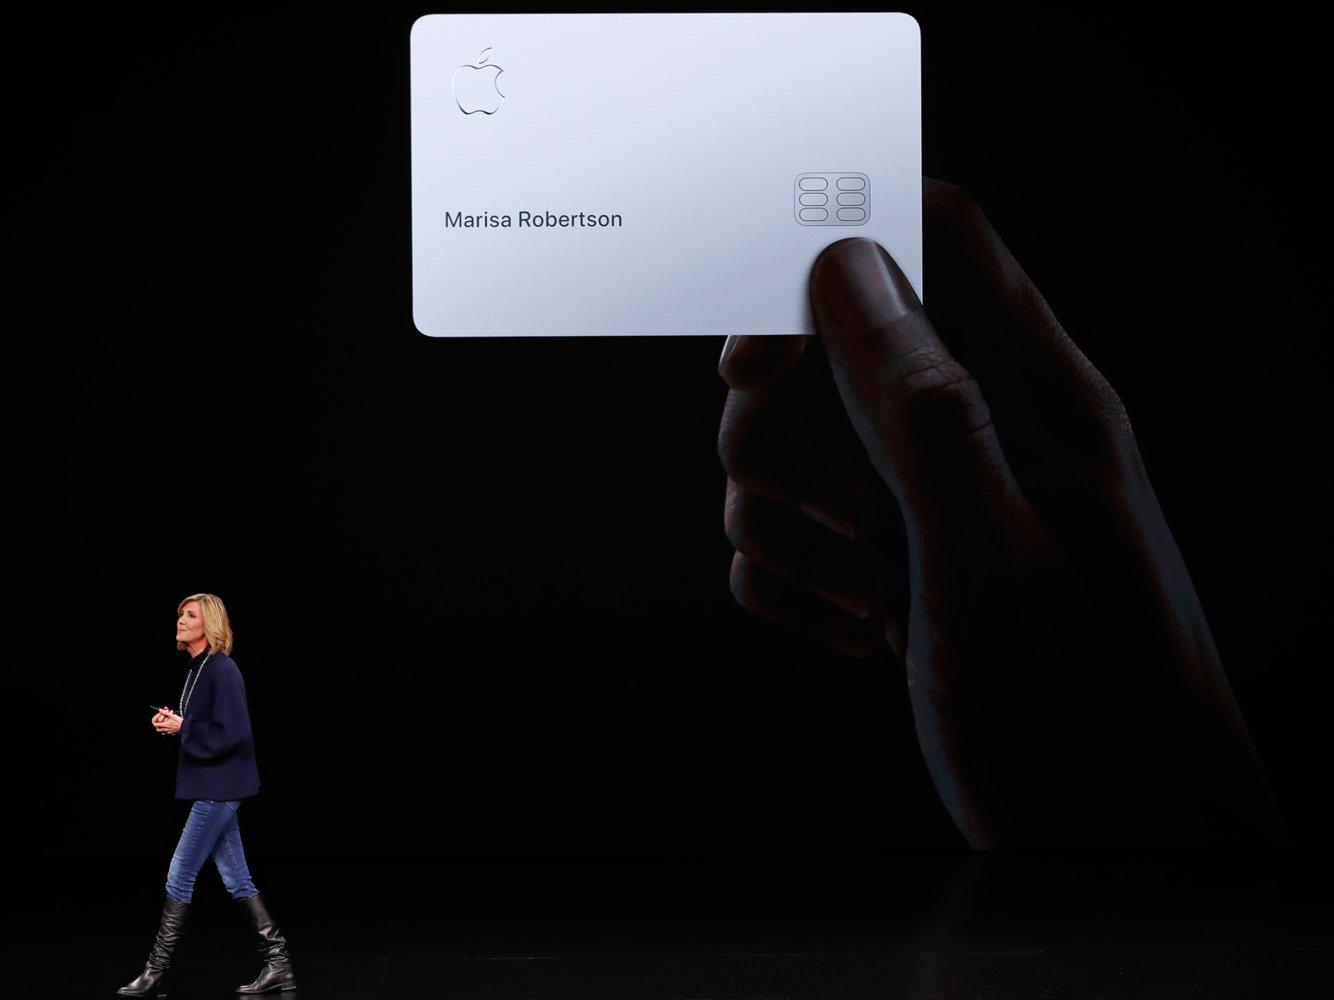 บัตรเครดิตใหม่ของ Apple Card สีขาวล้วน ไม่มีข้อมูลใดยกเว้นชื่อ